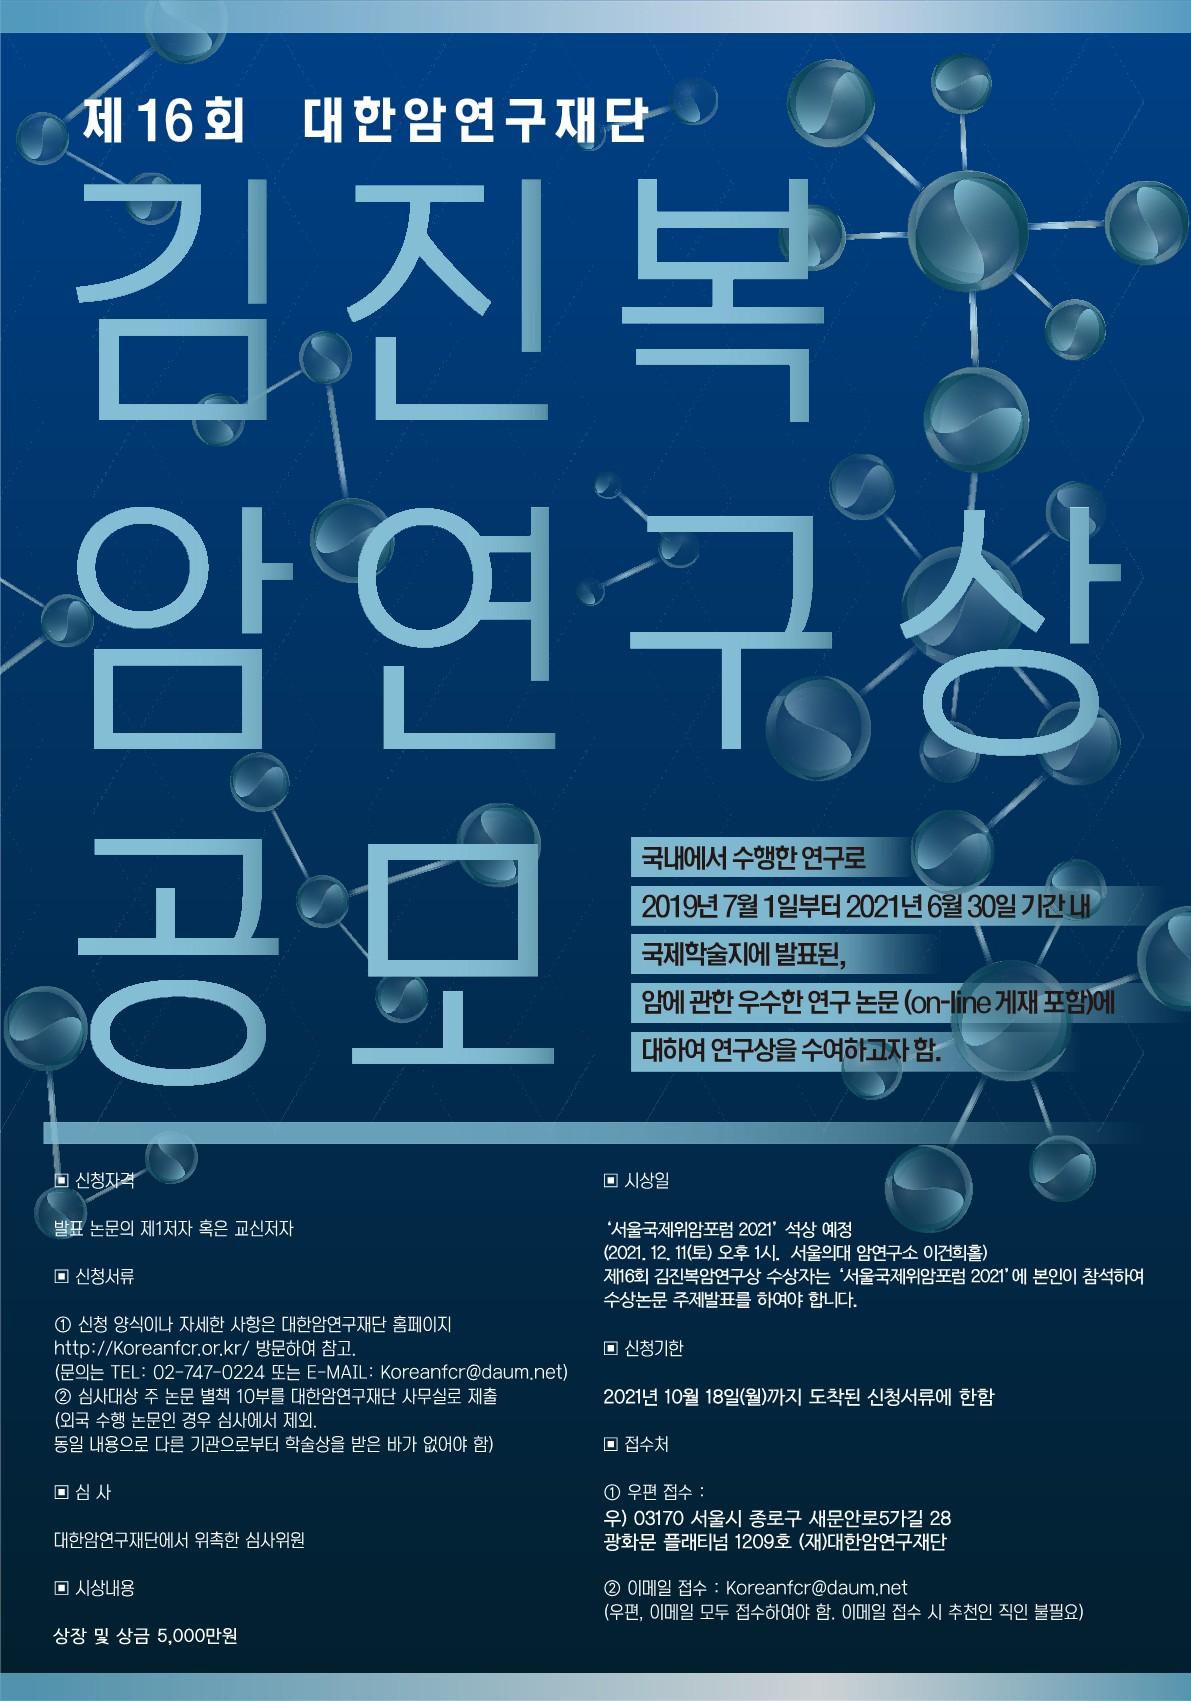 제16회_김진복암연구상_포스터